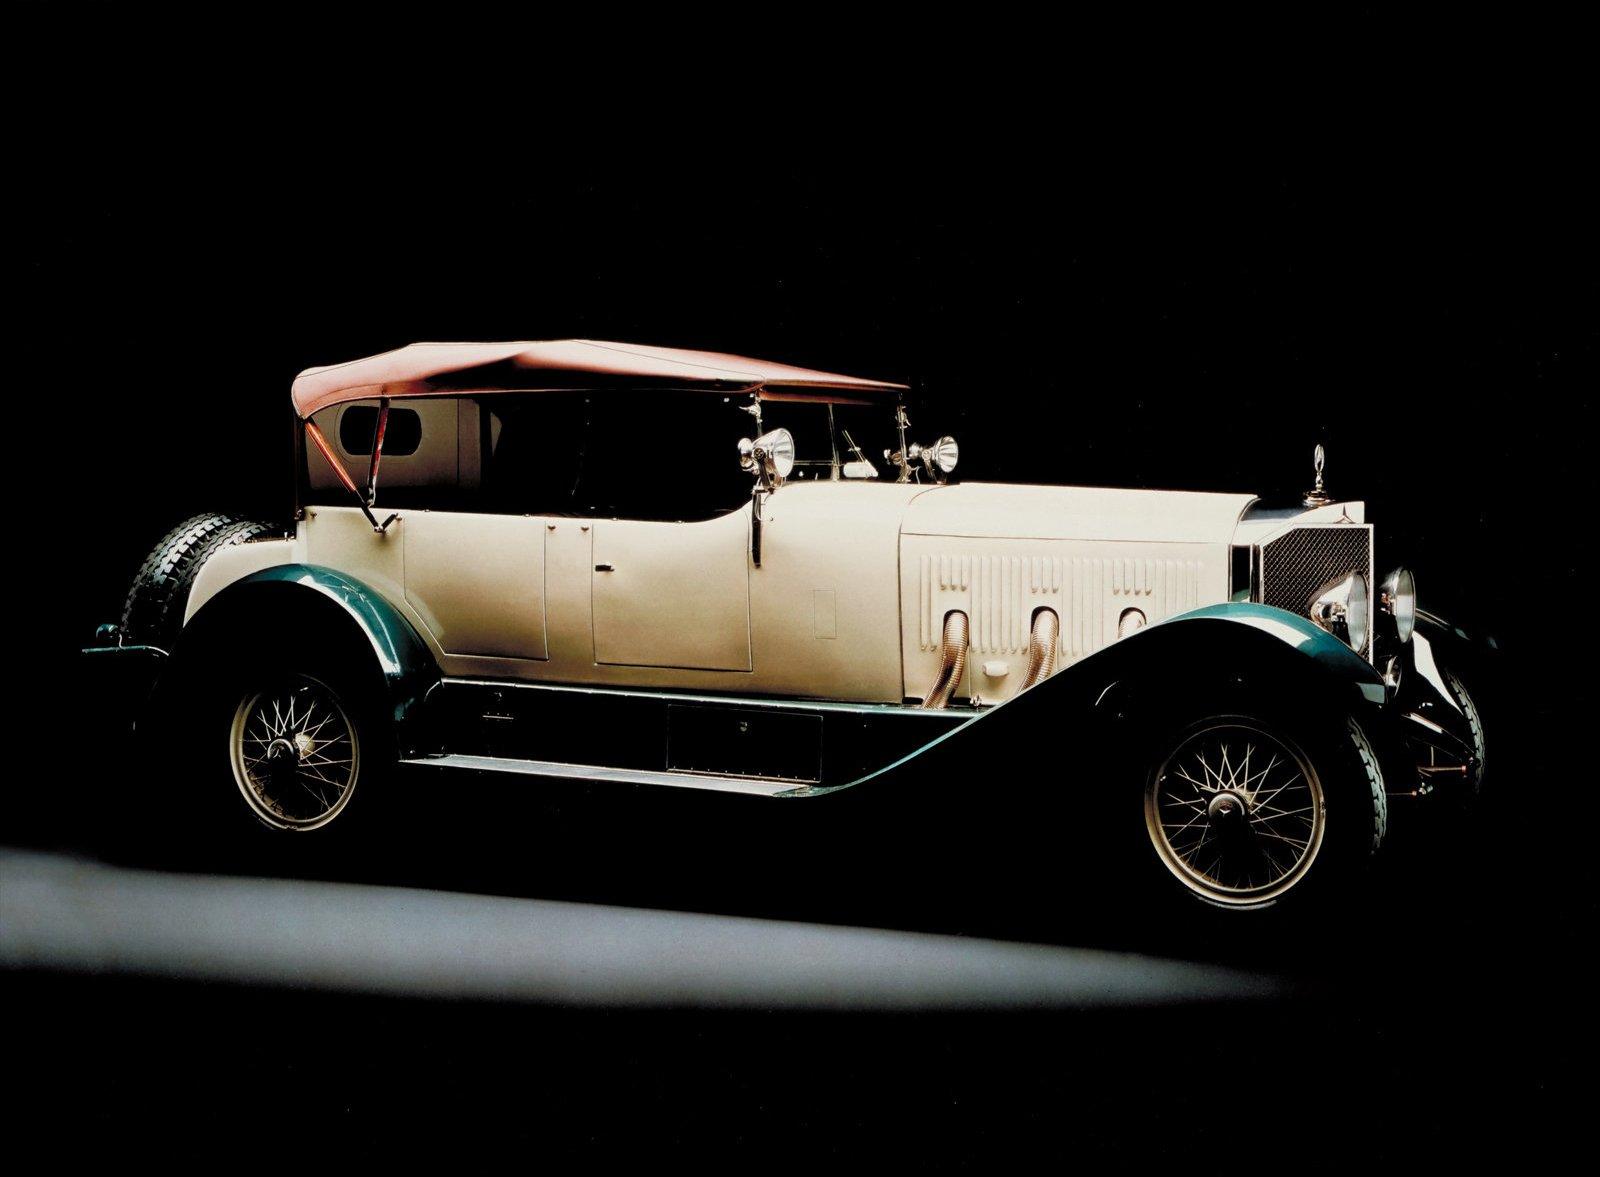 http://2.bp.blogspot.com/-7EB9kT7MQSs/Ta_ymsDuVyI/AAAAAAAAAZE/vhWp7AP9yJA/s1600/Mercedes-Benz-Type_S_1927_1600x1200_wallpaper_01.jpg